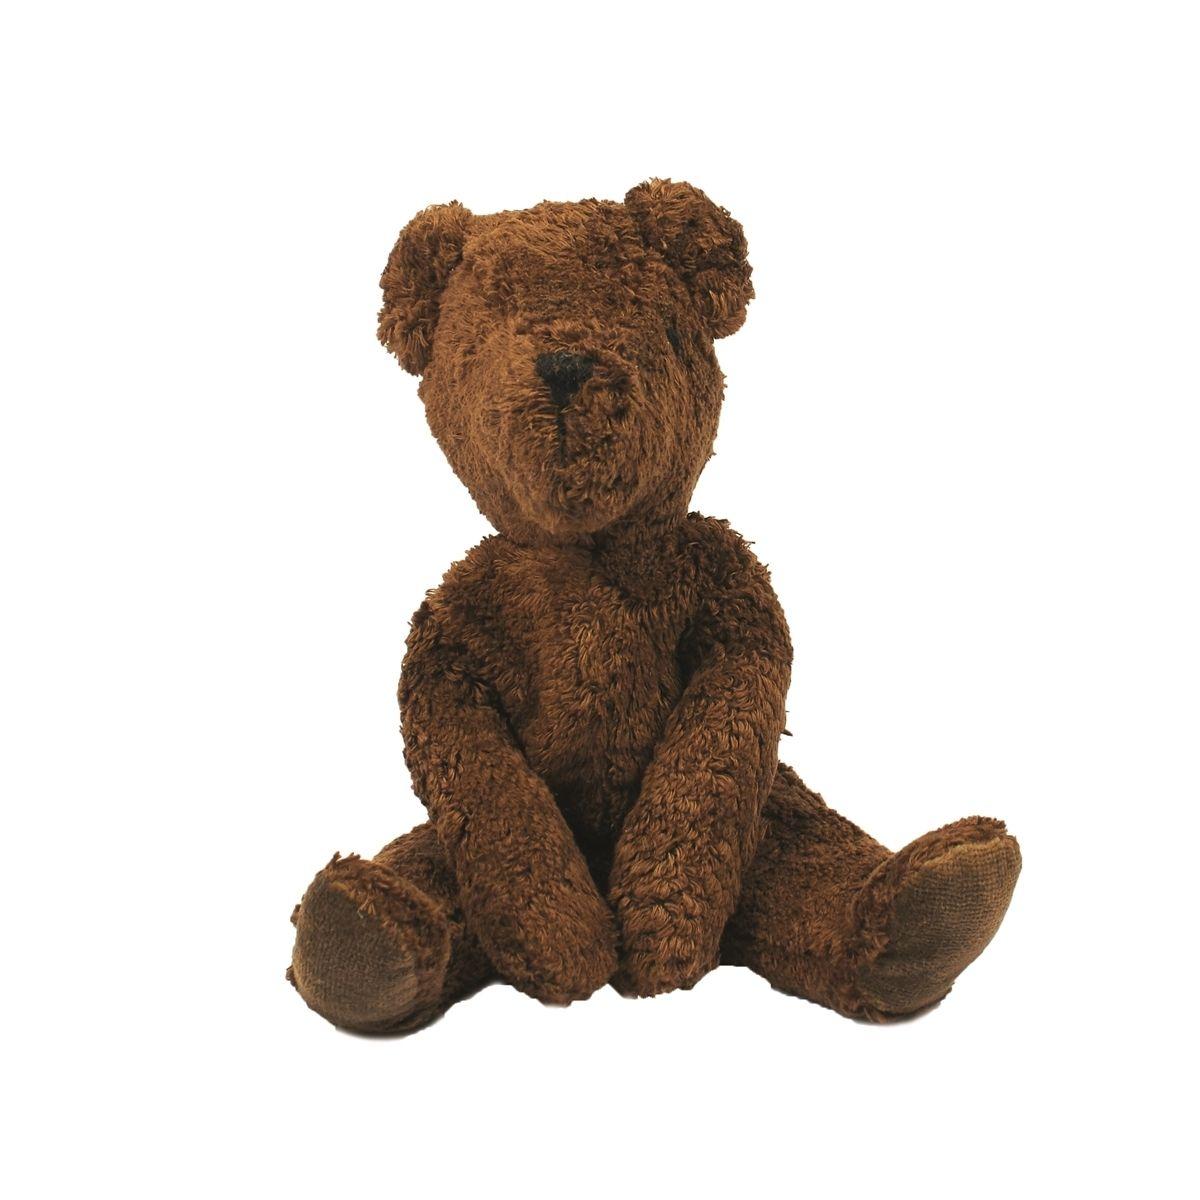 Senger Naturwelt Floppy animal Bear small brown